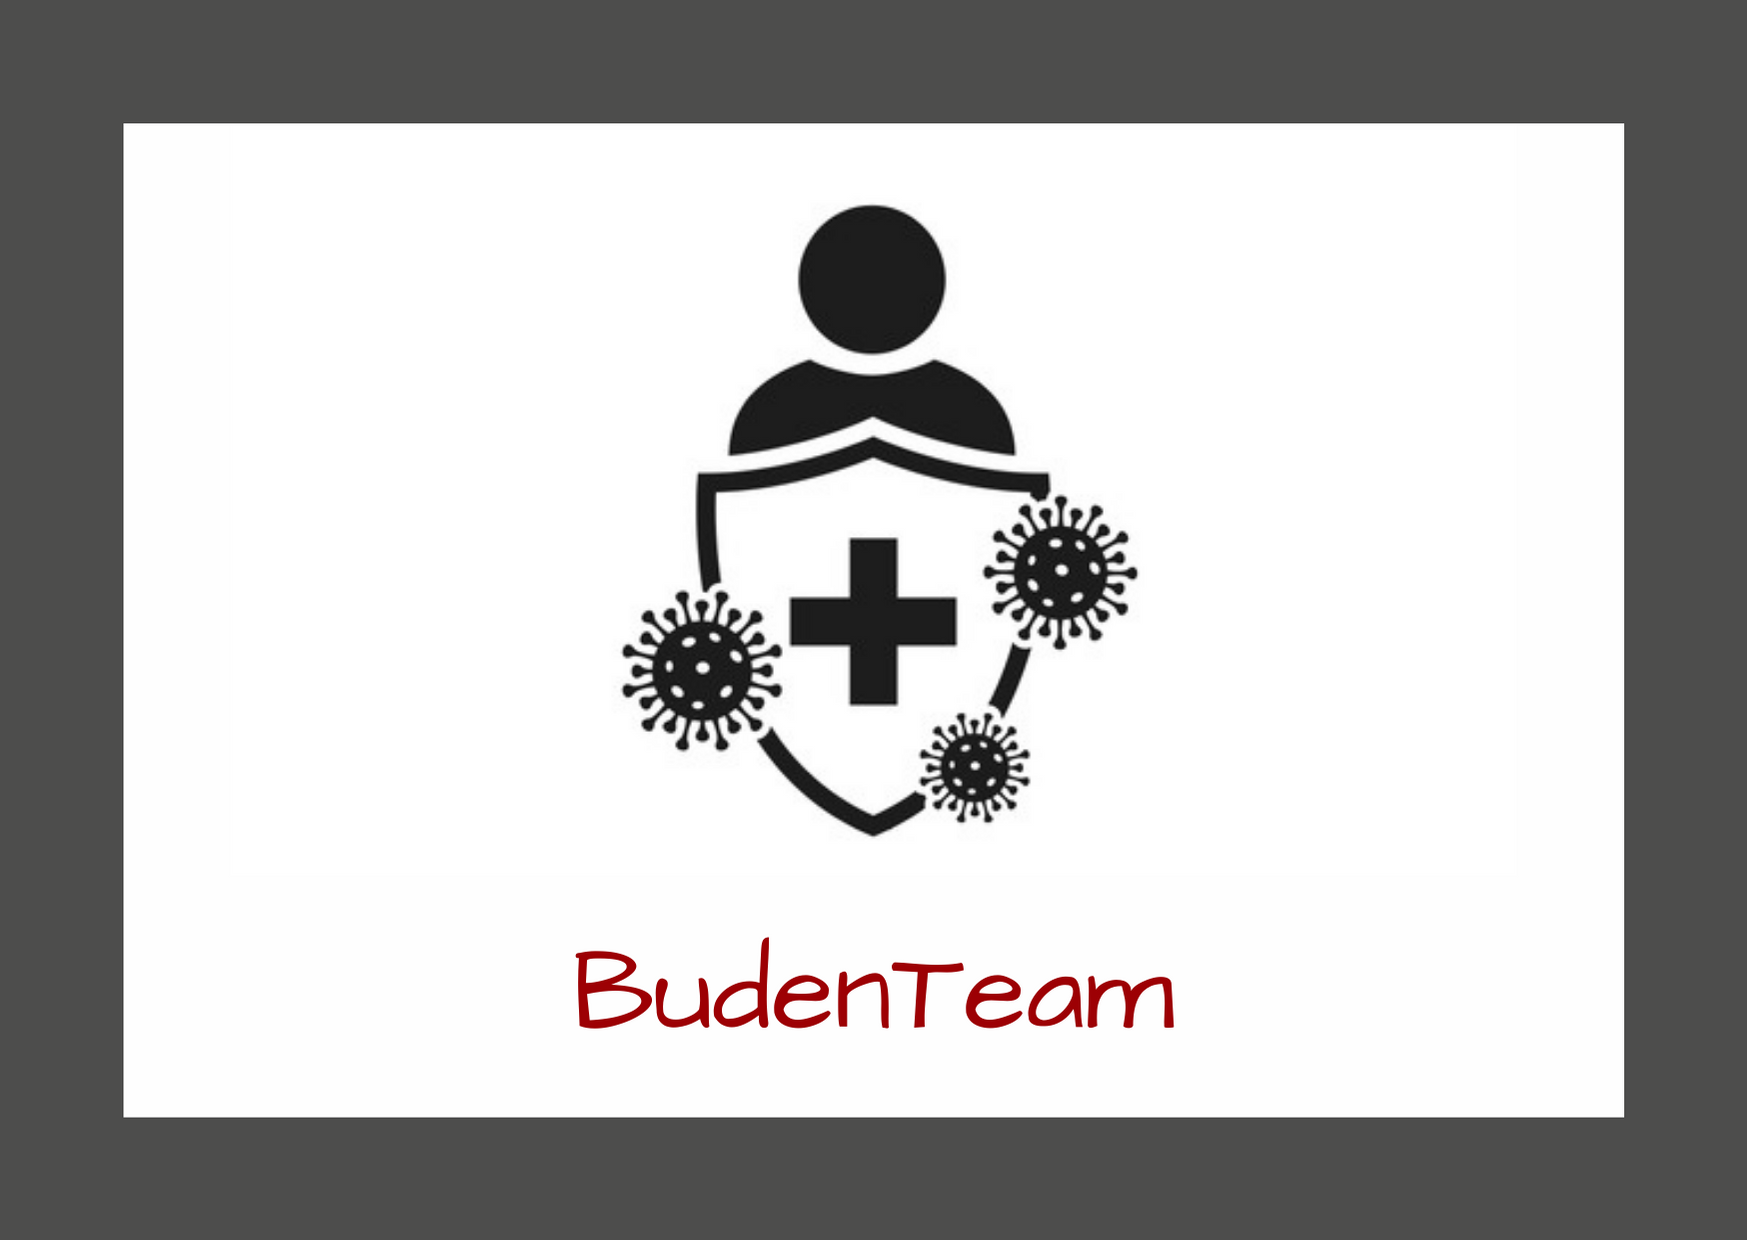 BudenTeam - Corona-Sicherheitsmaßnahmen